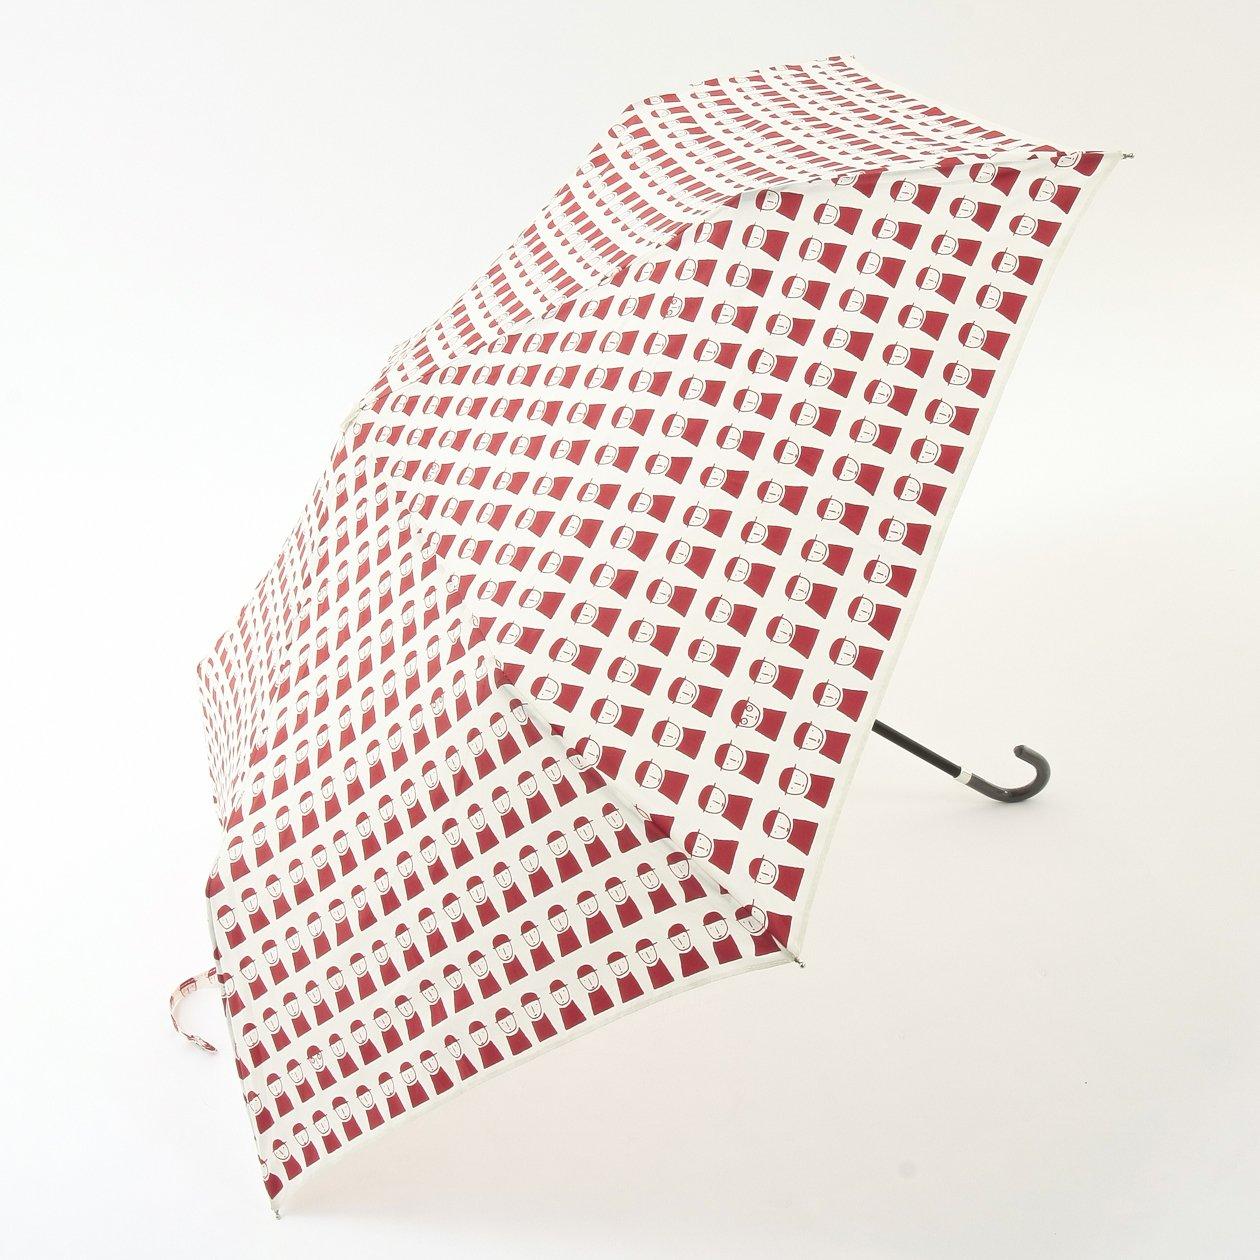 (ピッコーネ アッチェッソーリ) PICONE ACCESSORI 雨用折畳傘 50cm ポリエステル100% 連続司祭柄 683PI421 レッド B07DK4QWJWレッド